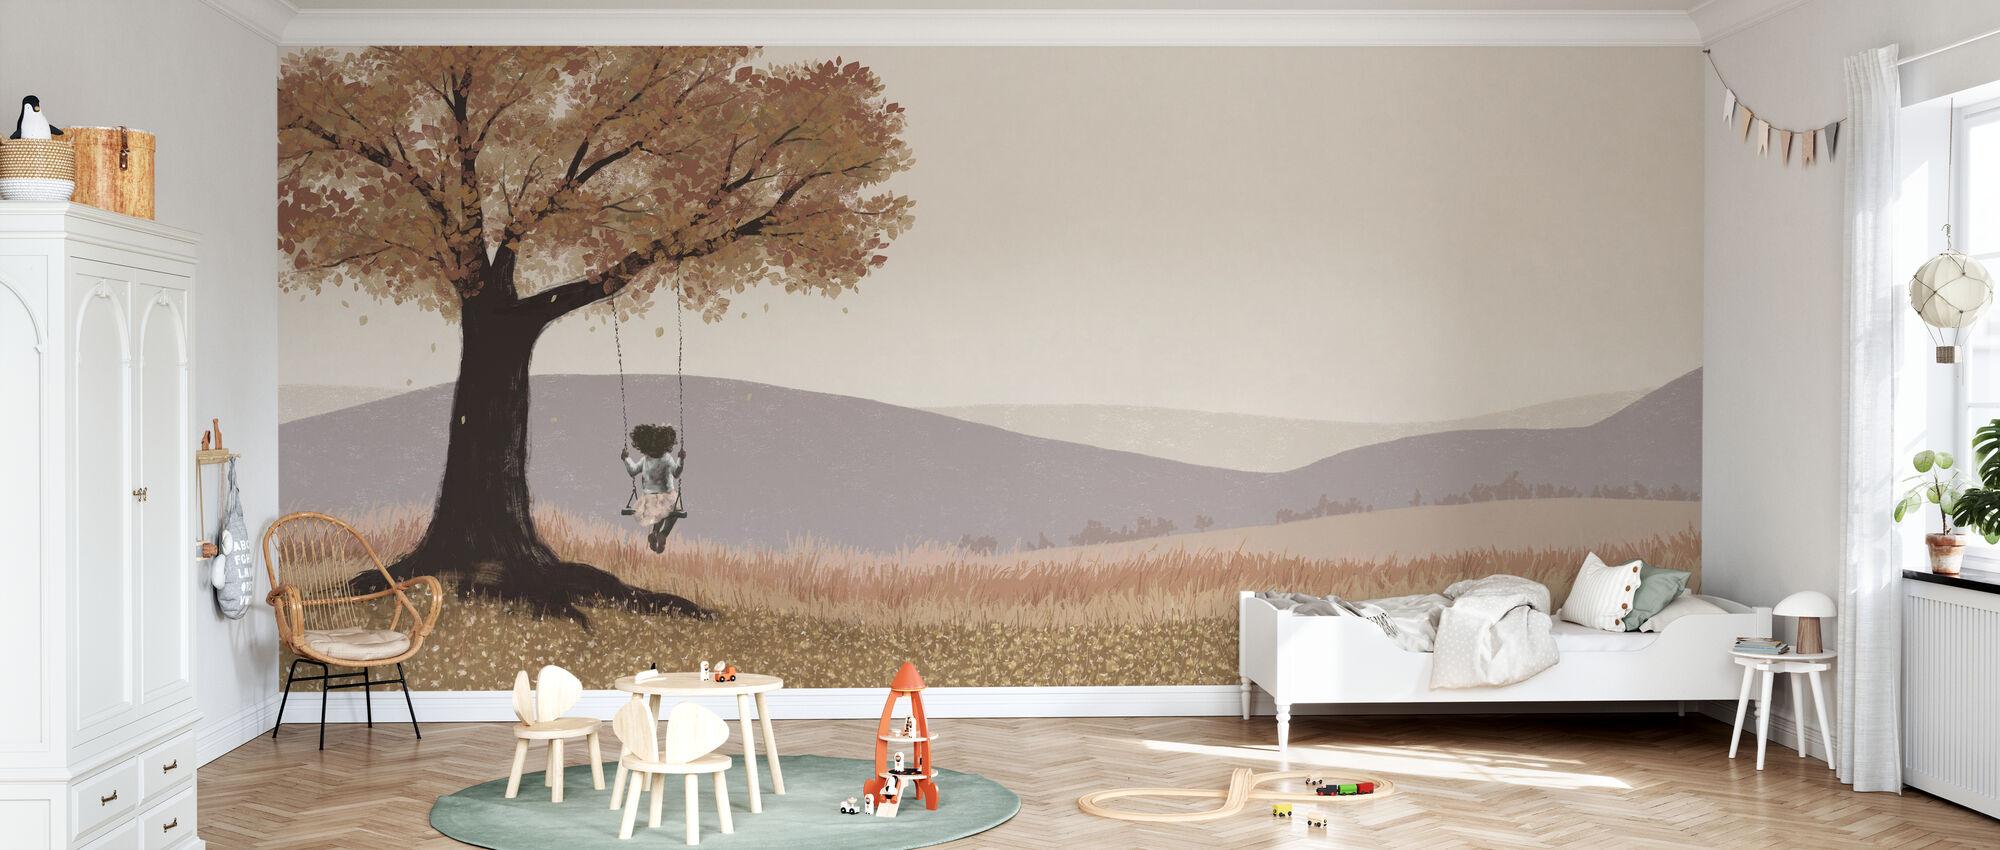 Fall Field - Girl on a Swing - Wallpaper - Kids Room